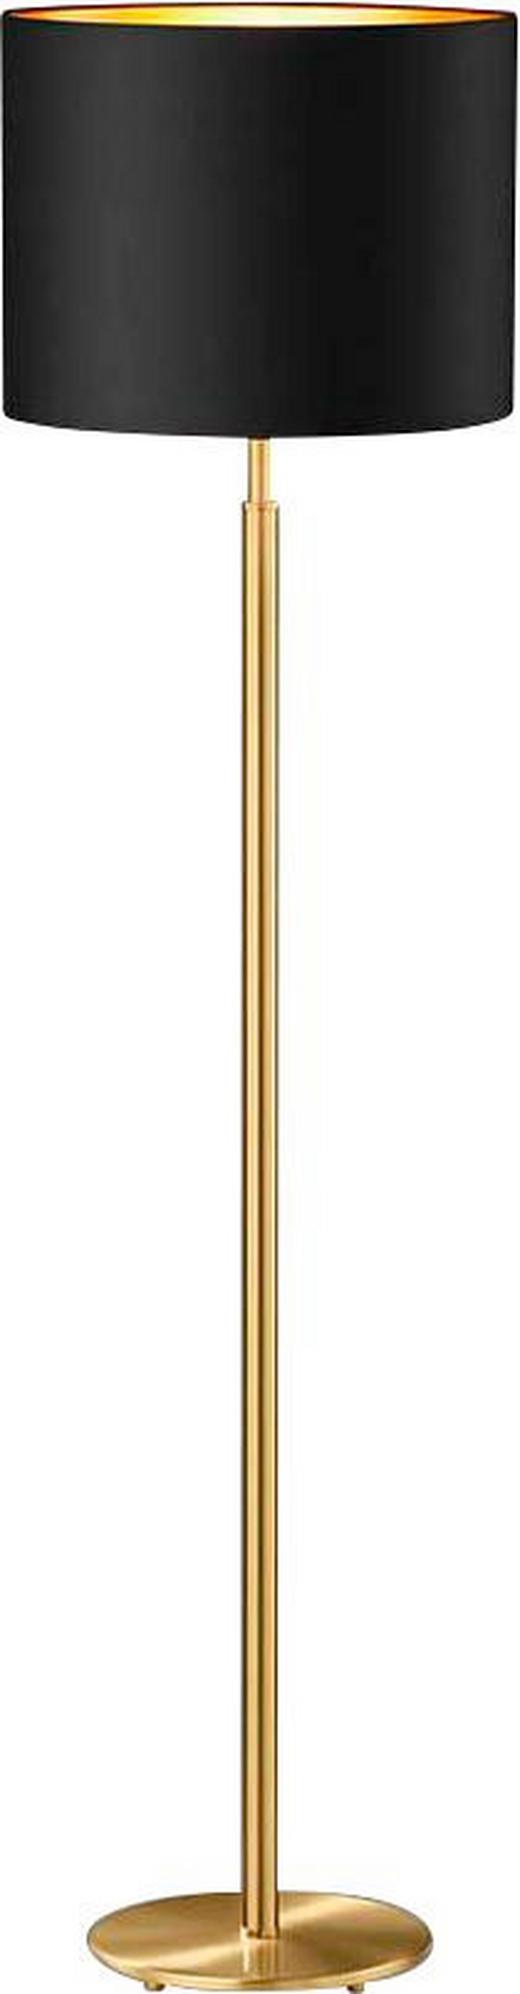 STEHLEUCHTE - Schwarz, KONVENTIONELL, Textil/Metall (1530cm)